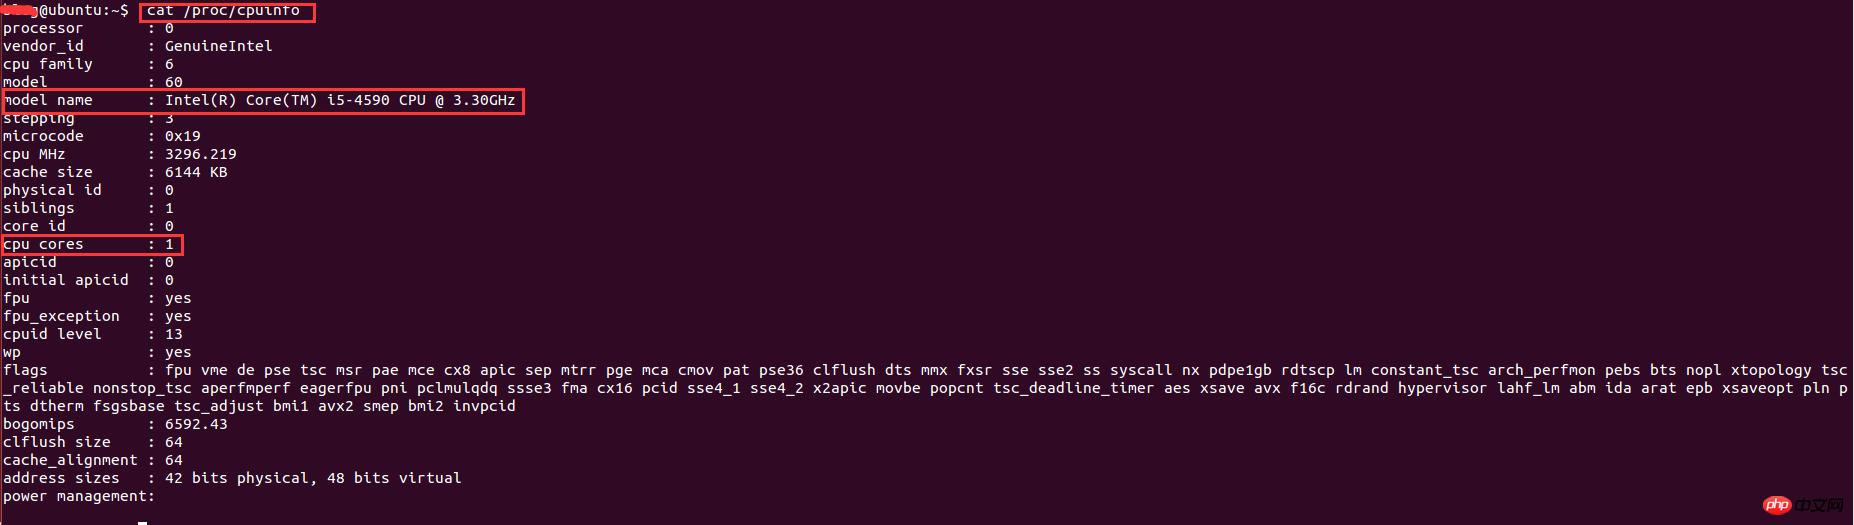 PHP爬虫 数据抓取 数据分析 爬虫抓取数据